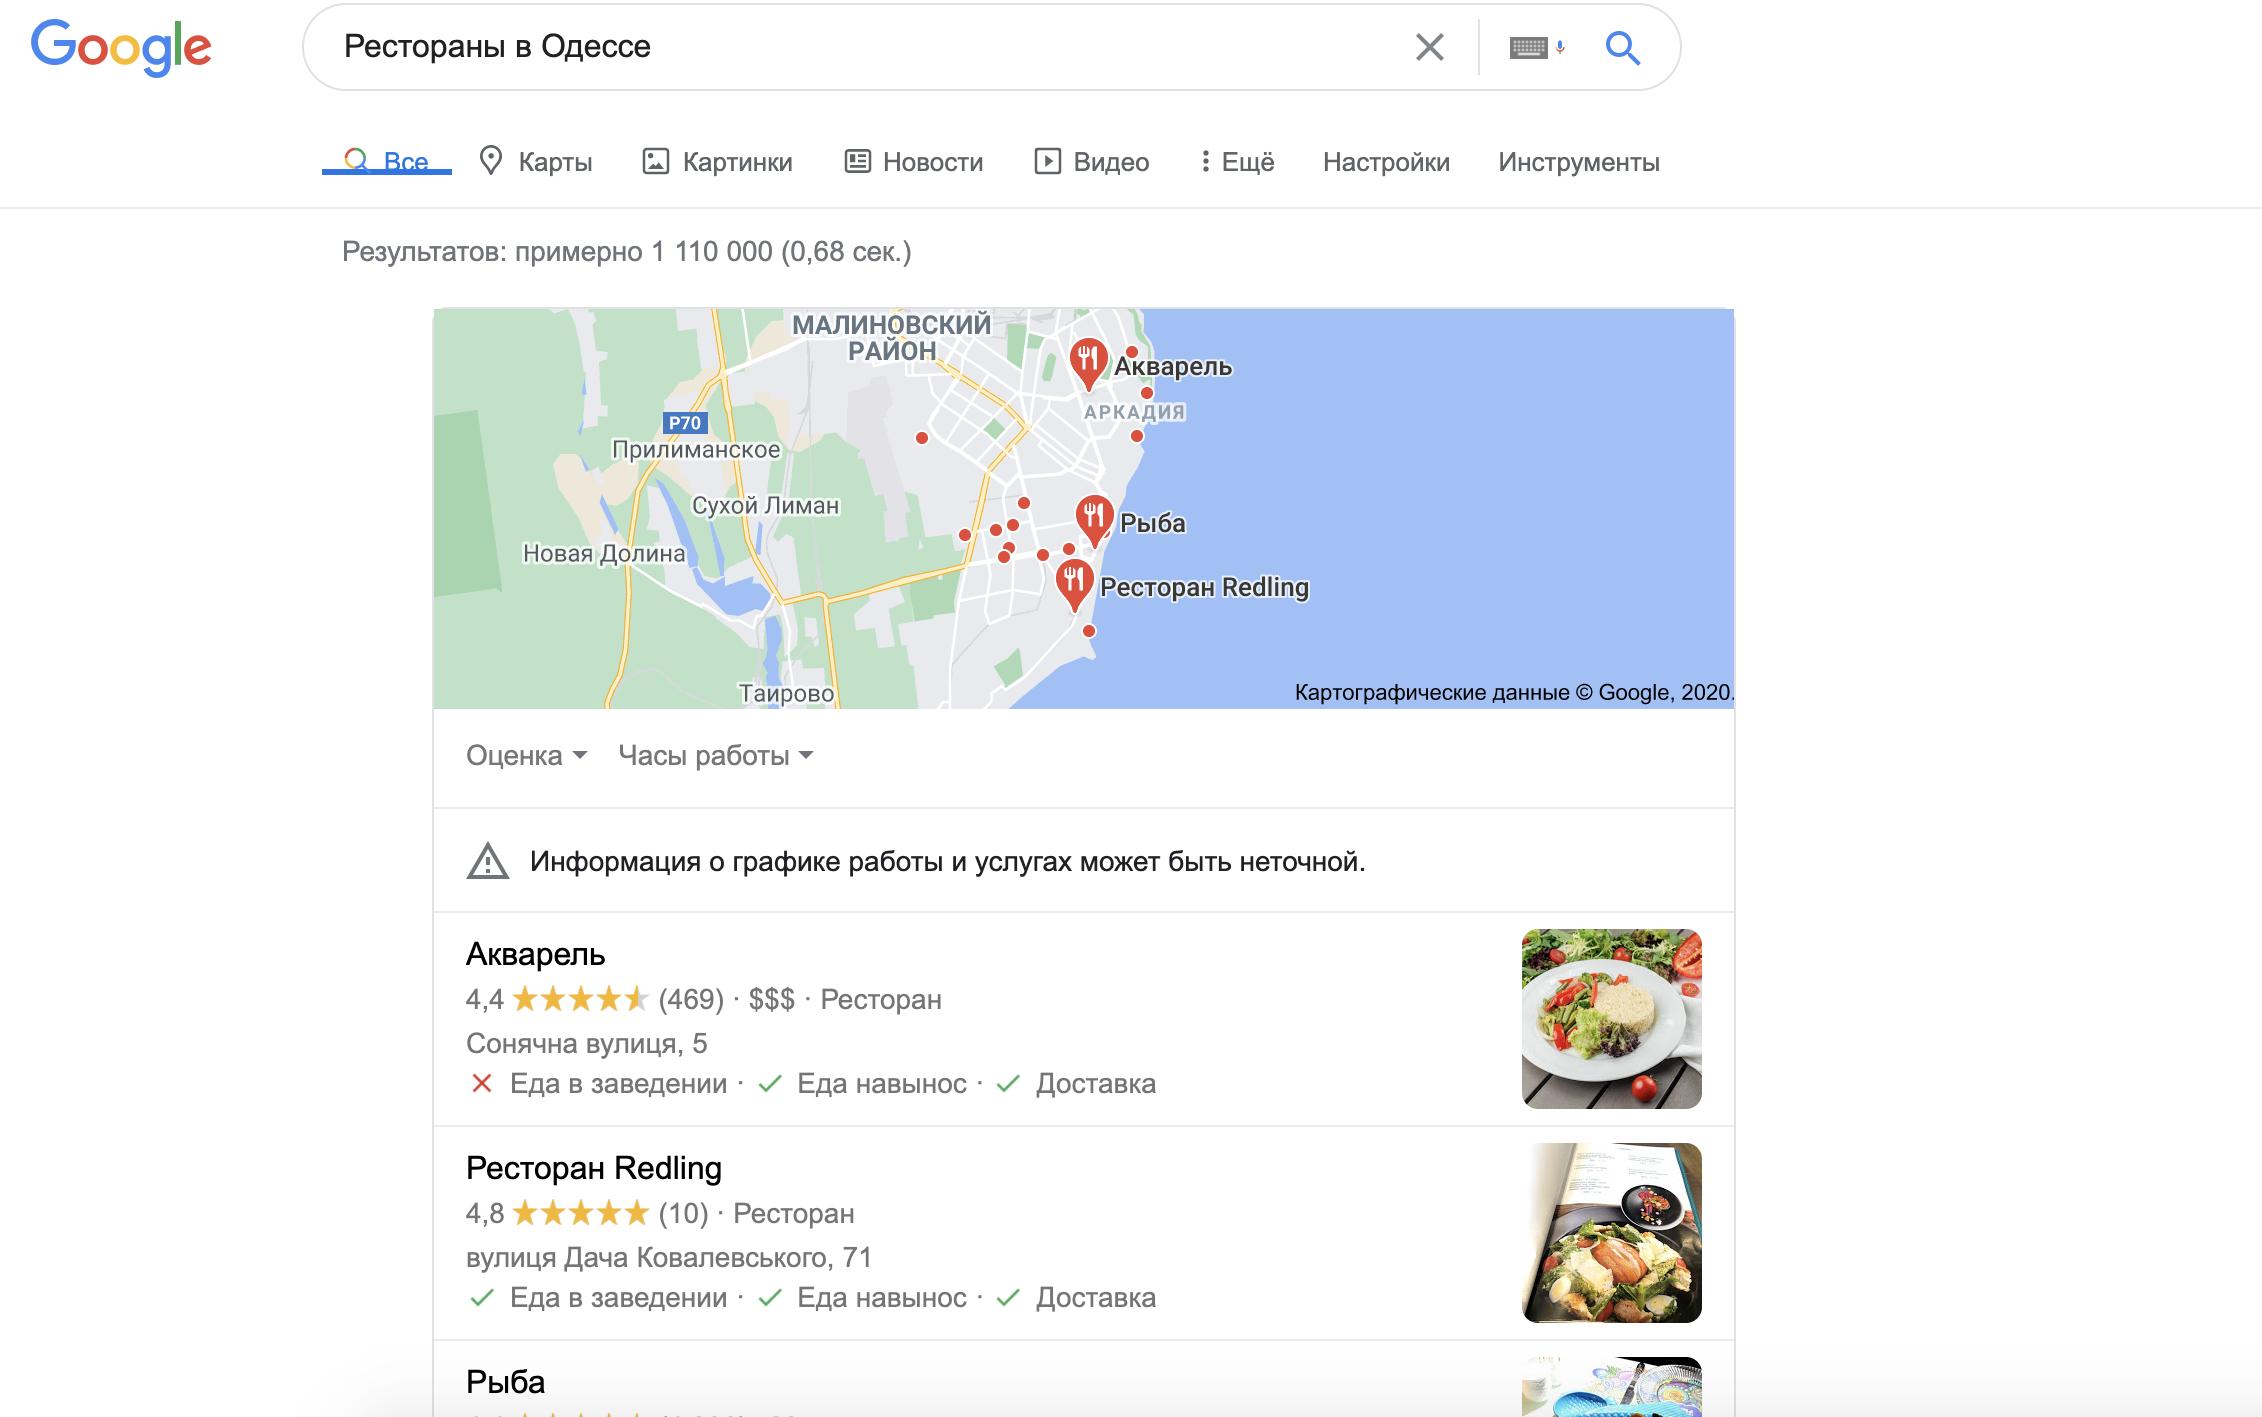 Google My Business будет иметь важное значение для местного SEO